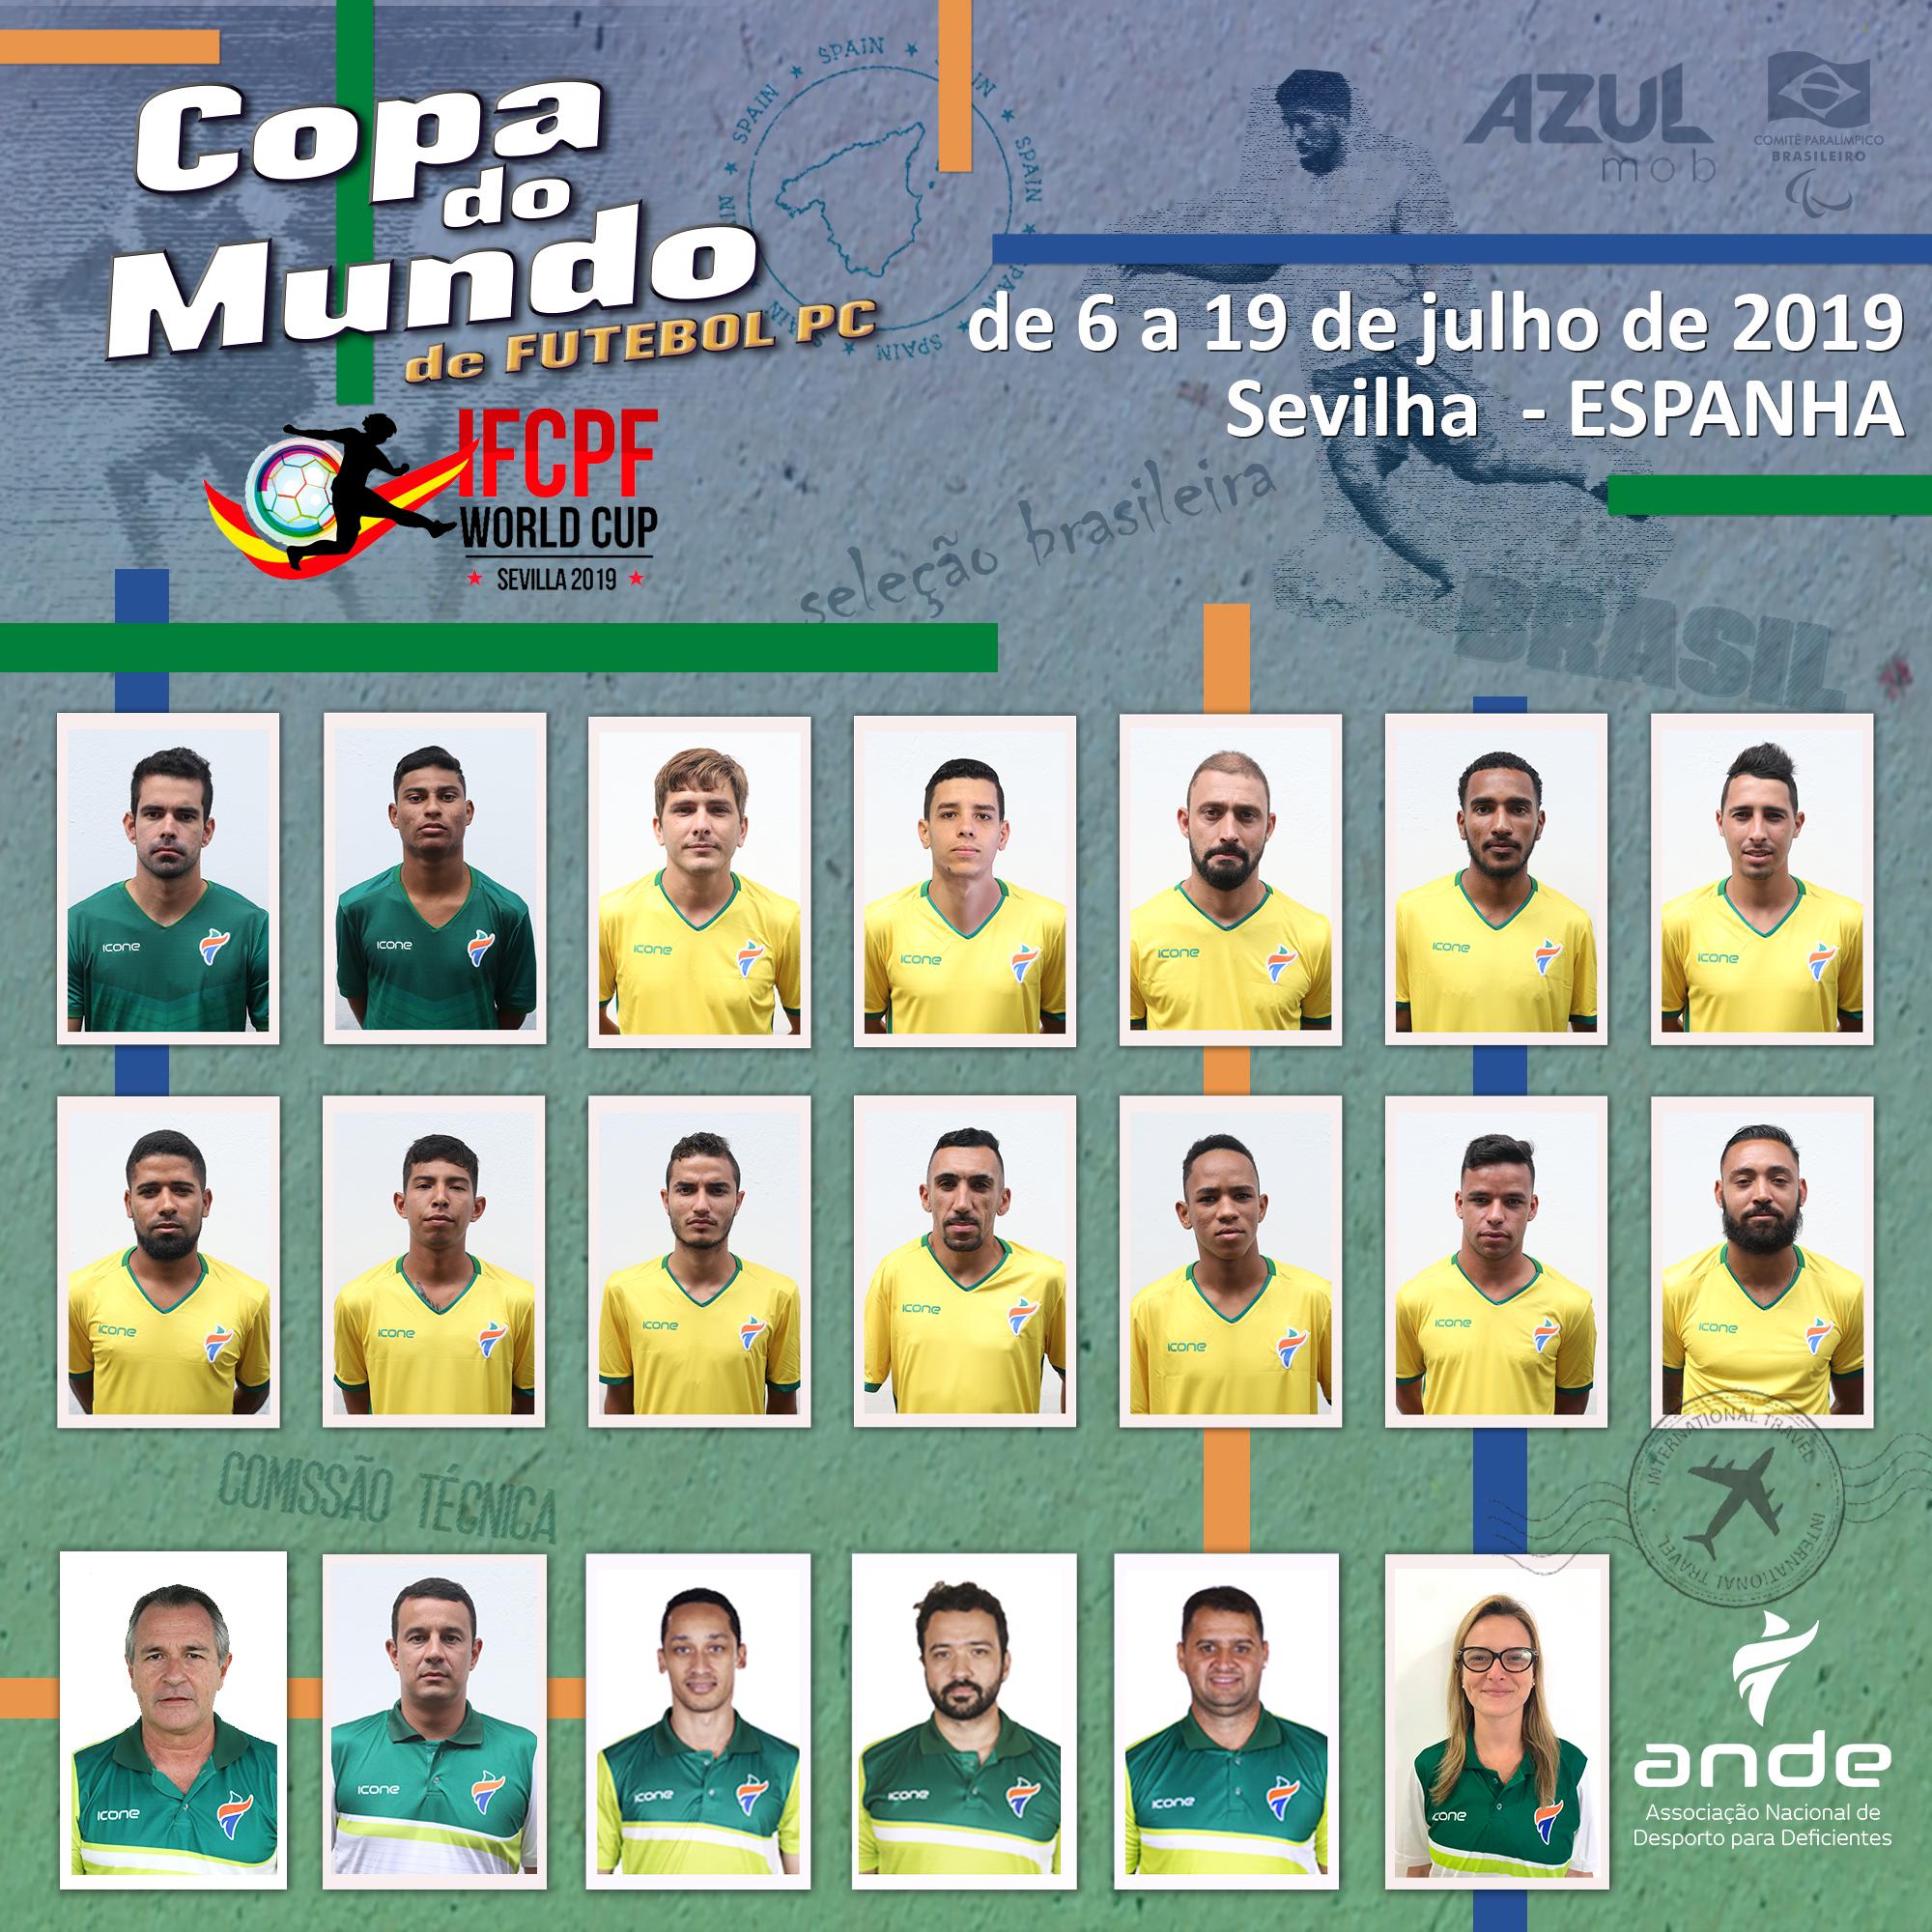 Ande Convocacao Selecao Brasileira De Futebol Pc Para Copa Do Mundo